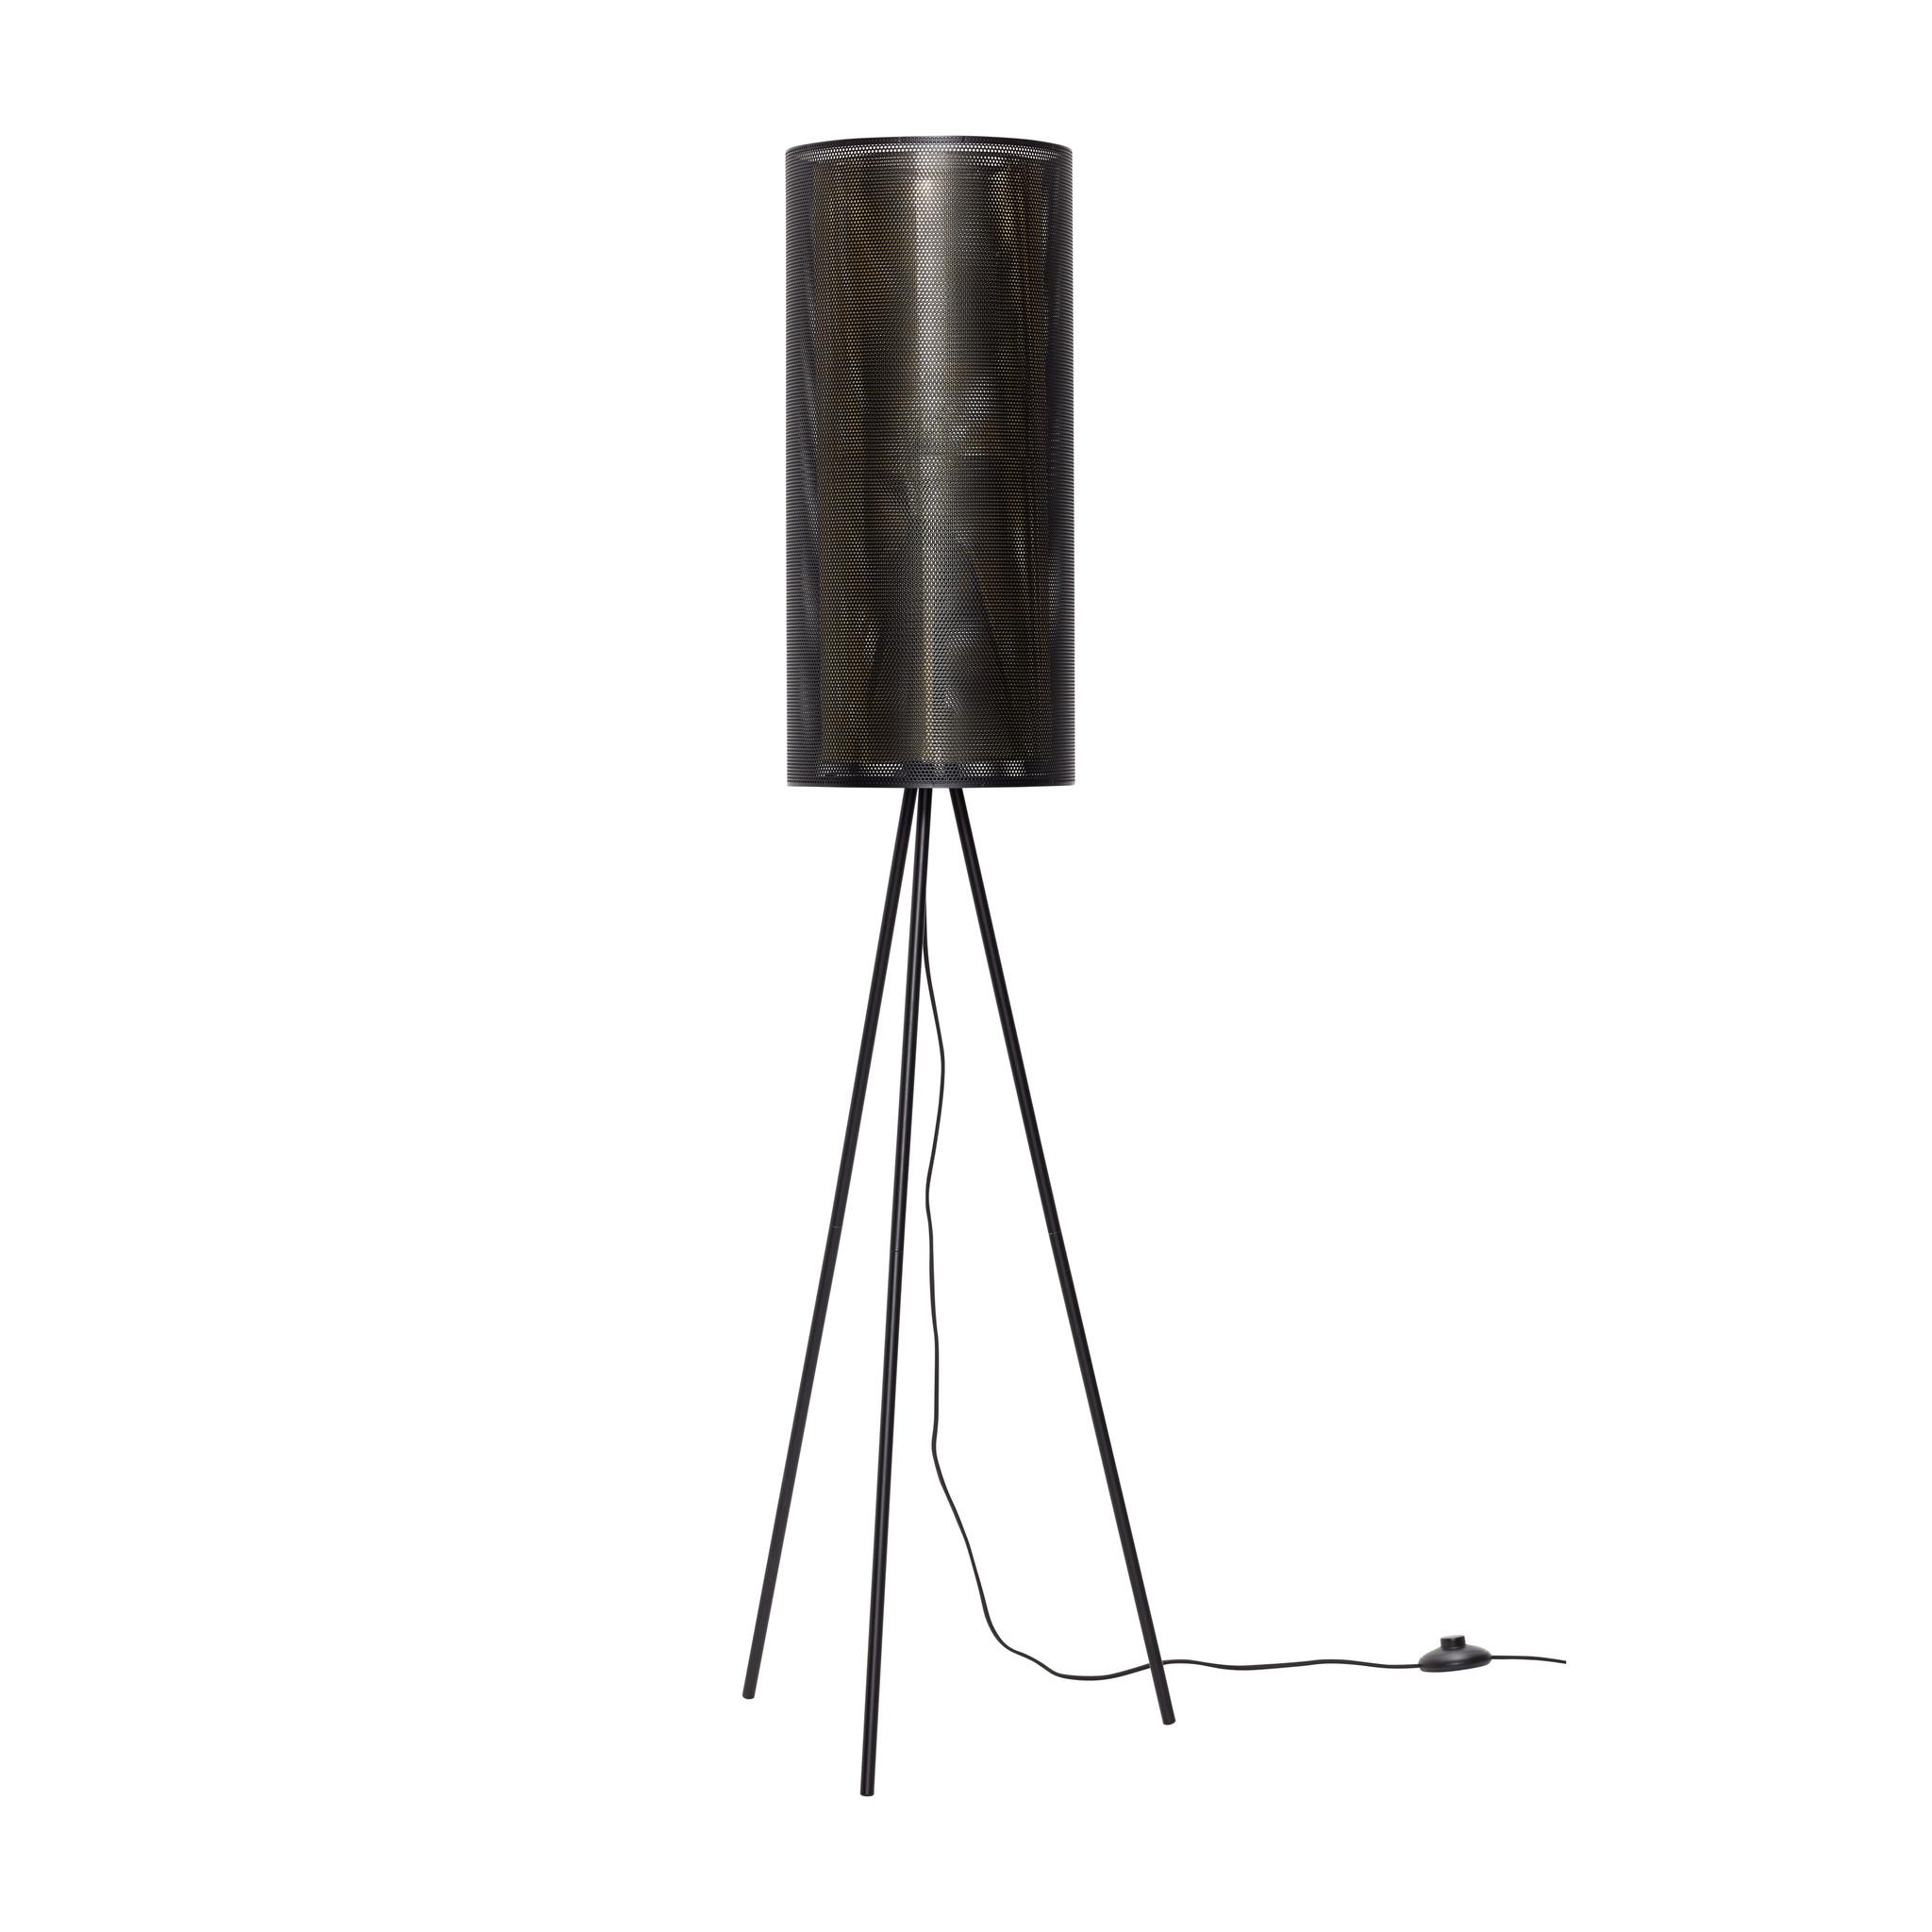 Hubsch Staande lamp, messing / zwart